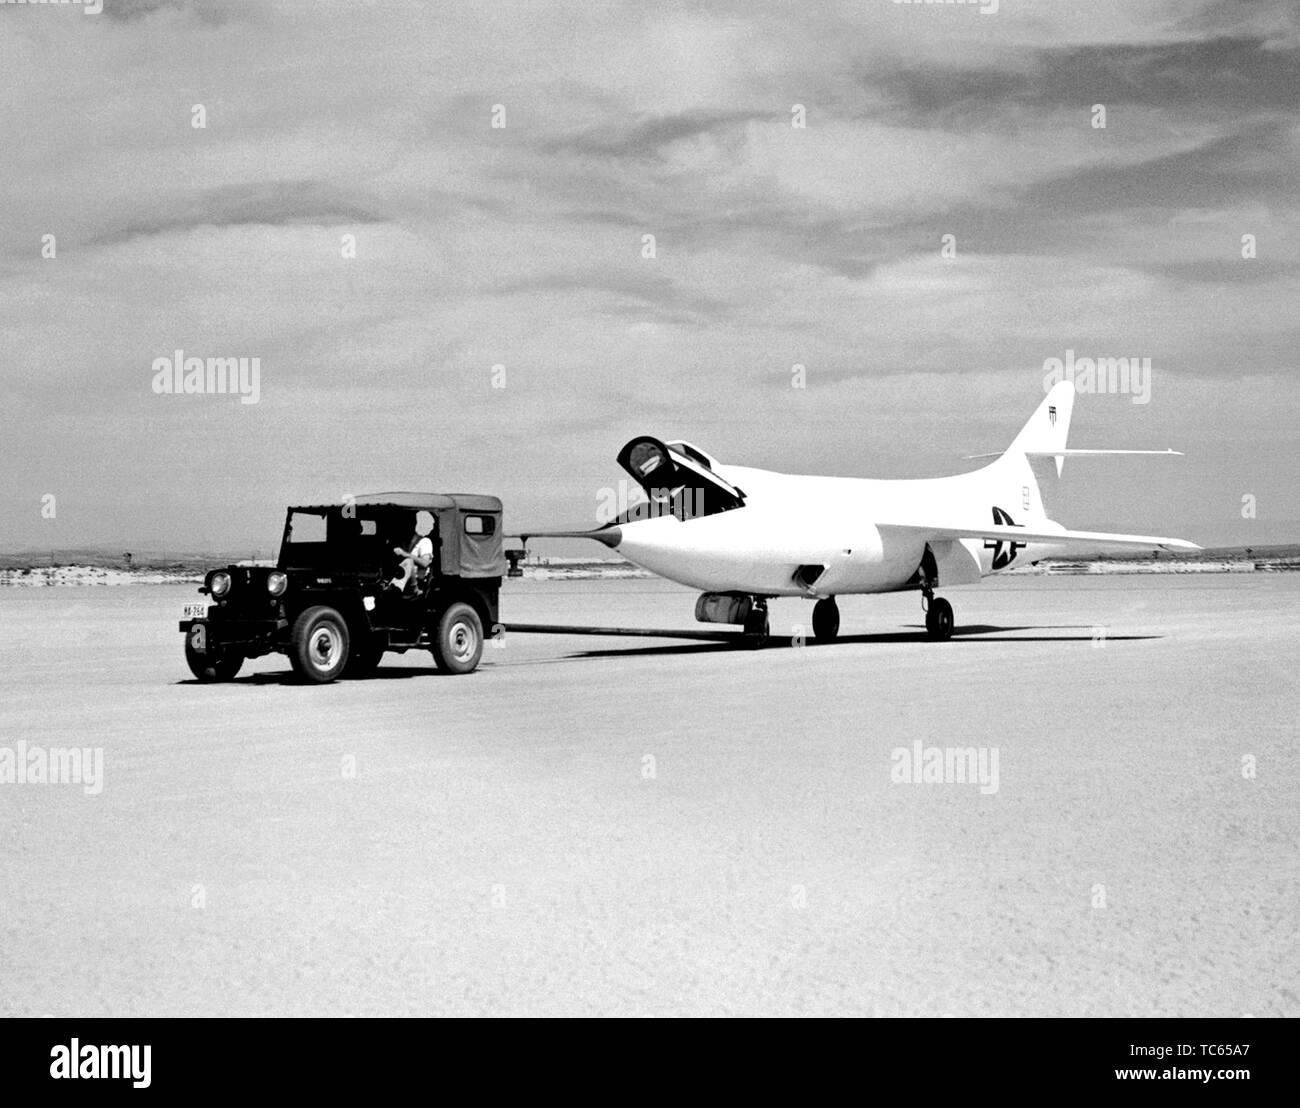 Ein D--558-2 Flugzeug ist über Rogers Dry Lakebed auf der Edwards Air Force Base, Kern County, Kalifornien, 1949 geschleppt. Mit freundlicher Genehmigung der Nationalen Luft- und Raumfahrtbehörde (NASA). () Stockfoto